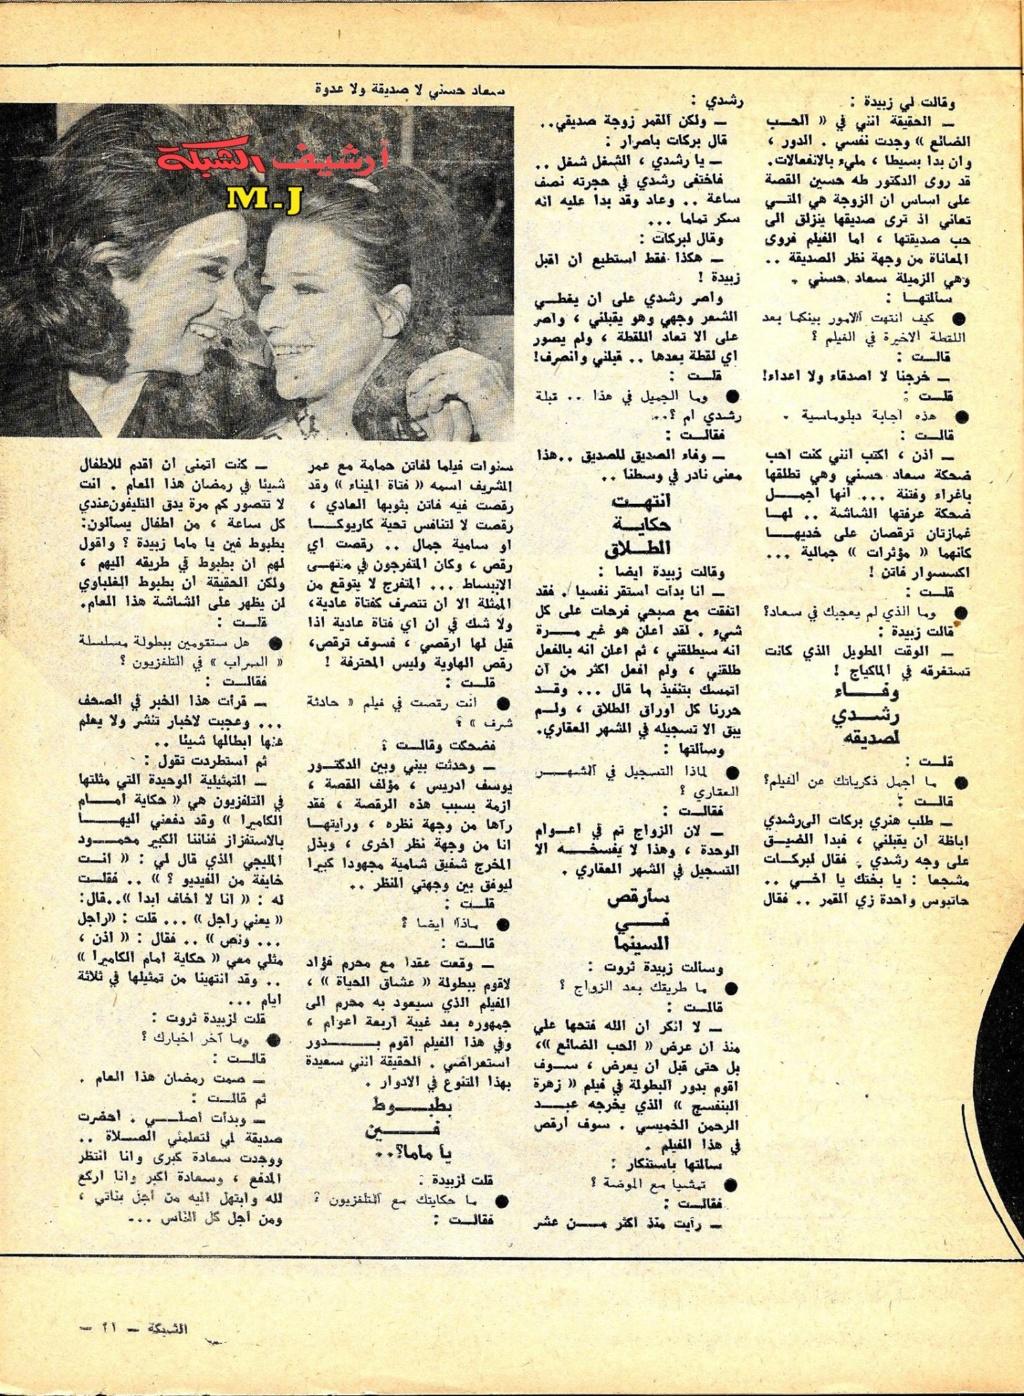 حوار صحفي : فاتن حمامة لزبيدة  أنت عظيمة ! 1970 م 214